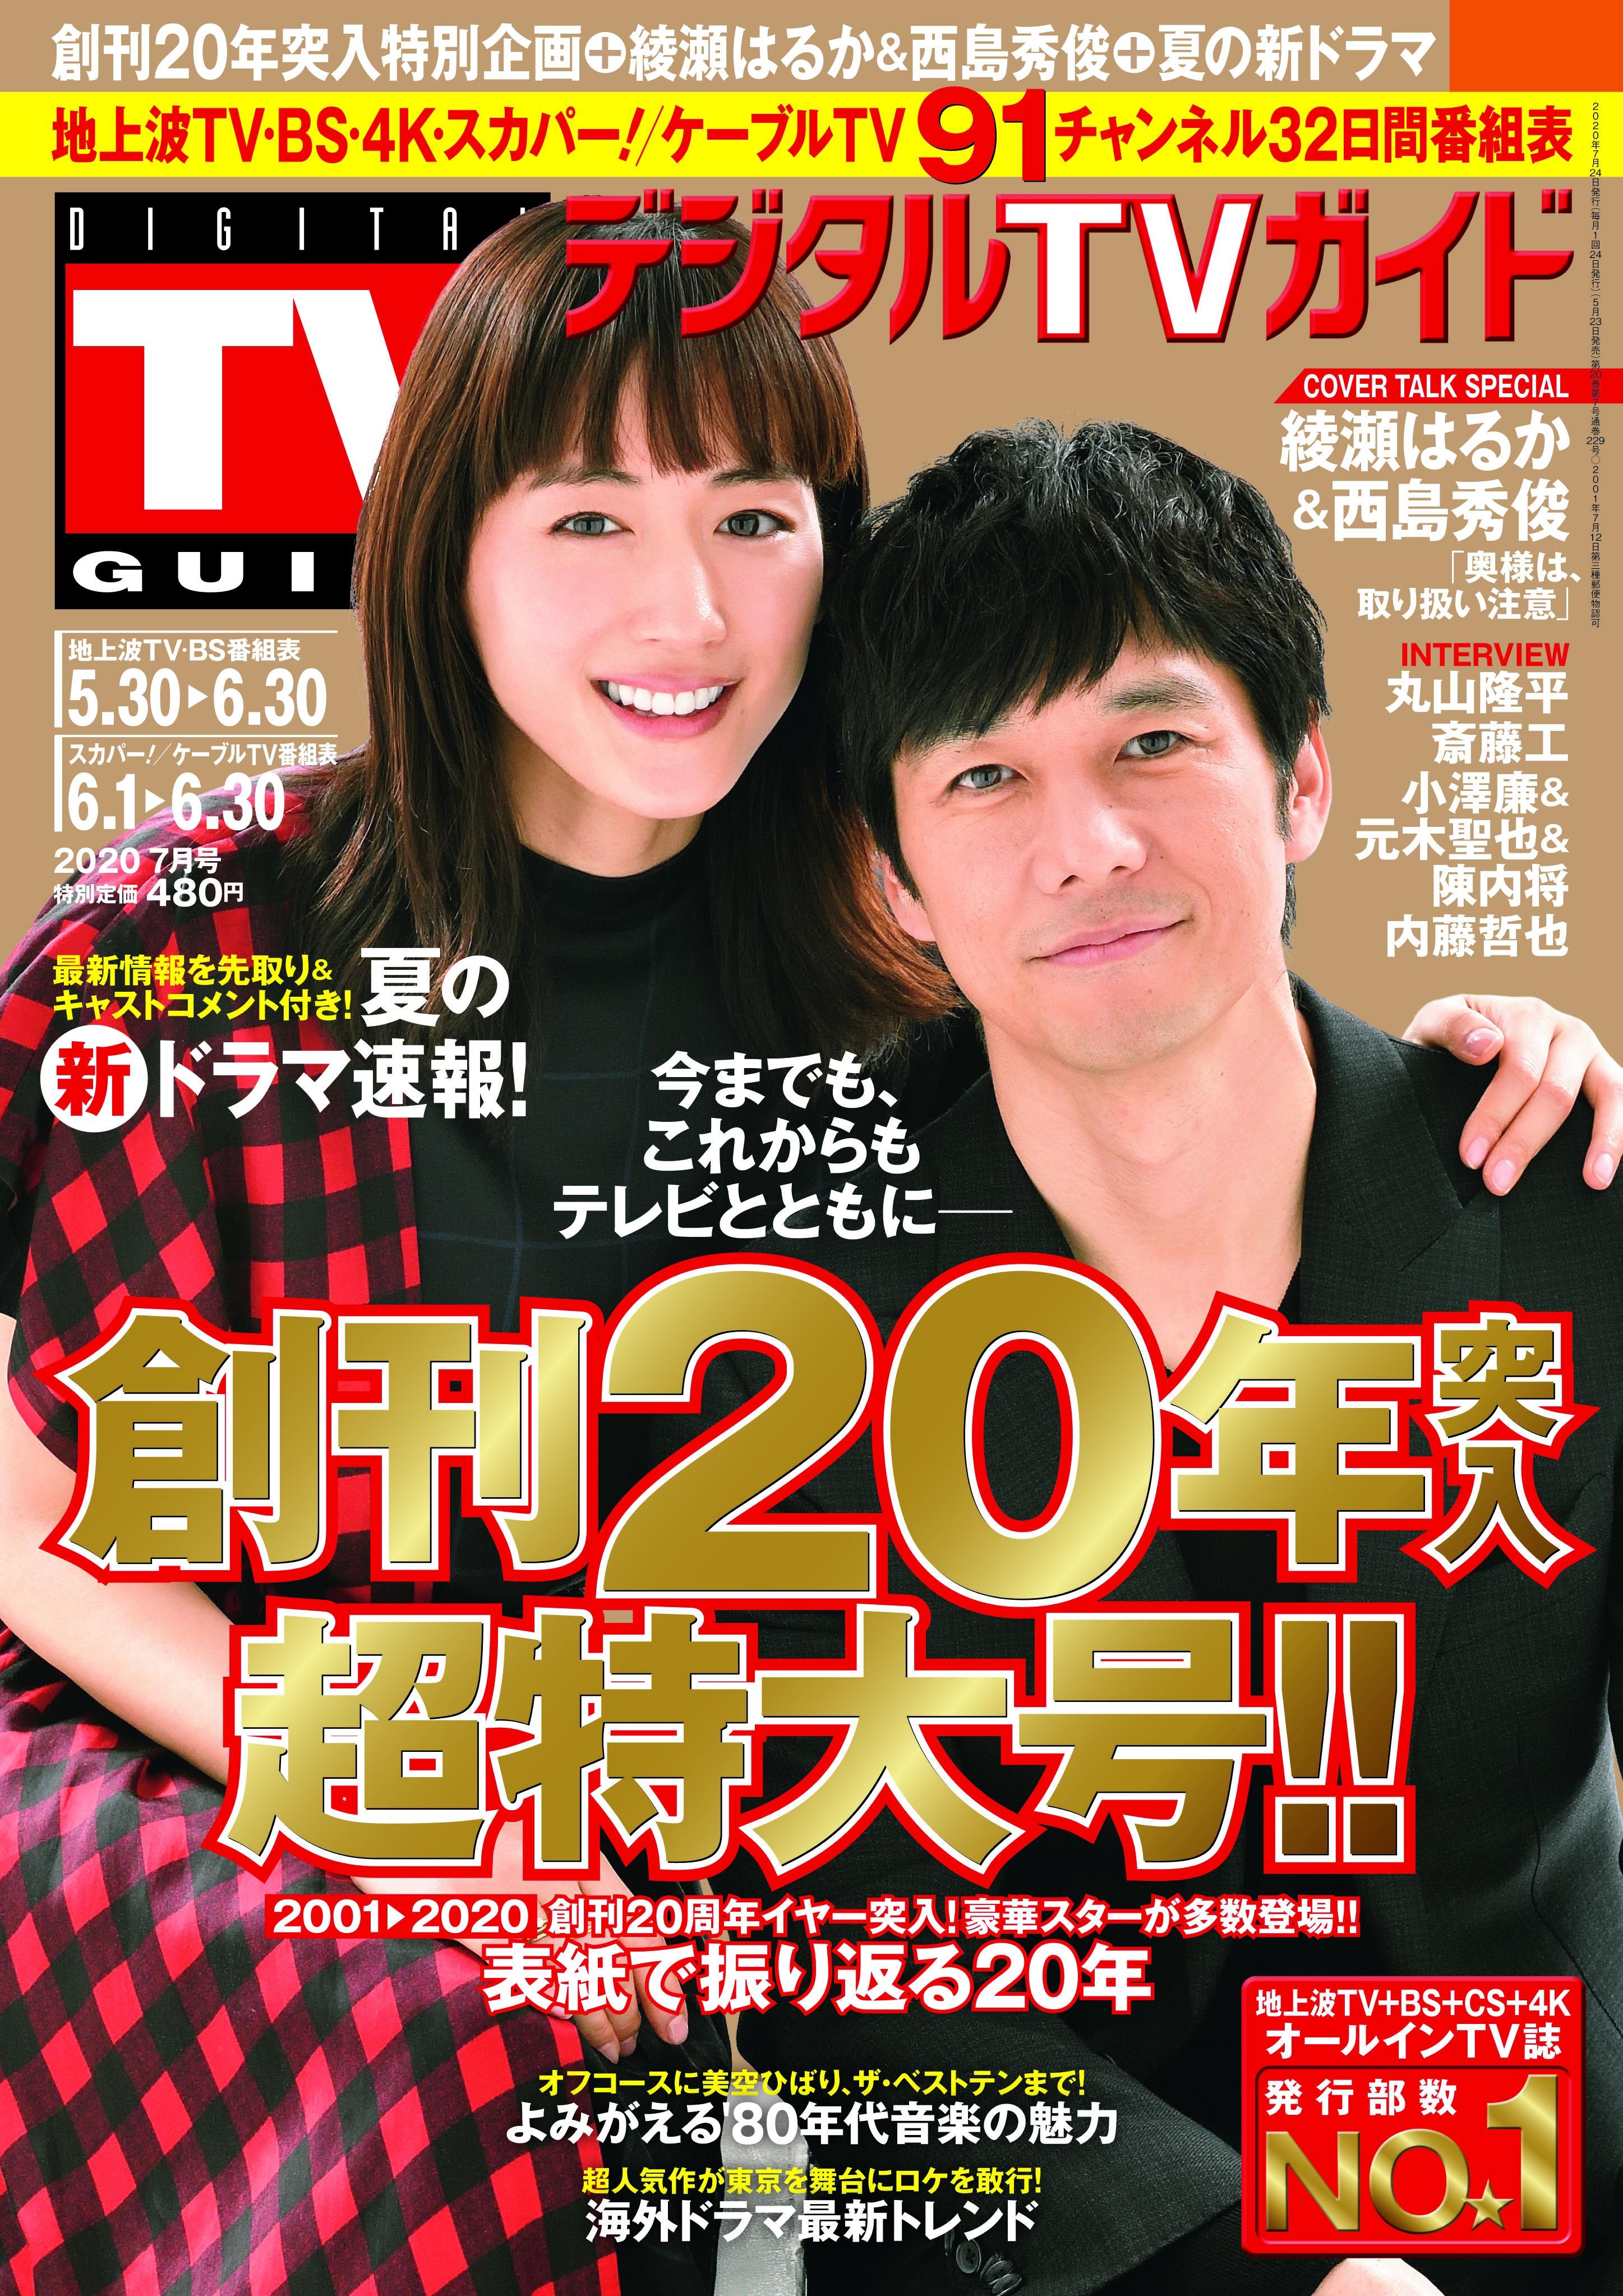 """綾瀬はるか&西島秀俊、お互いが呼び合う""""愛称""""とは「兄妹役を演じて以来…」"""